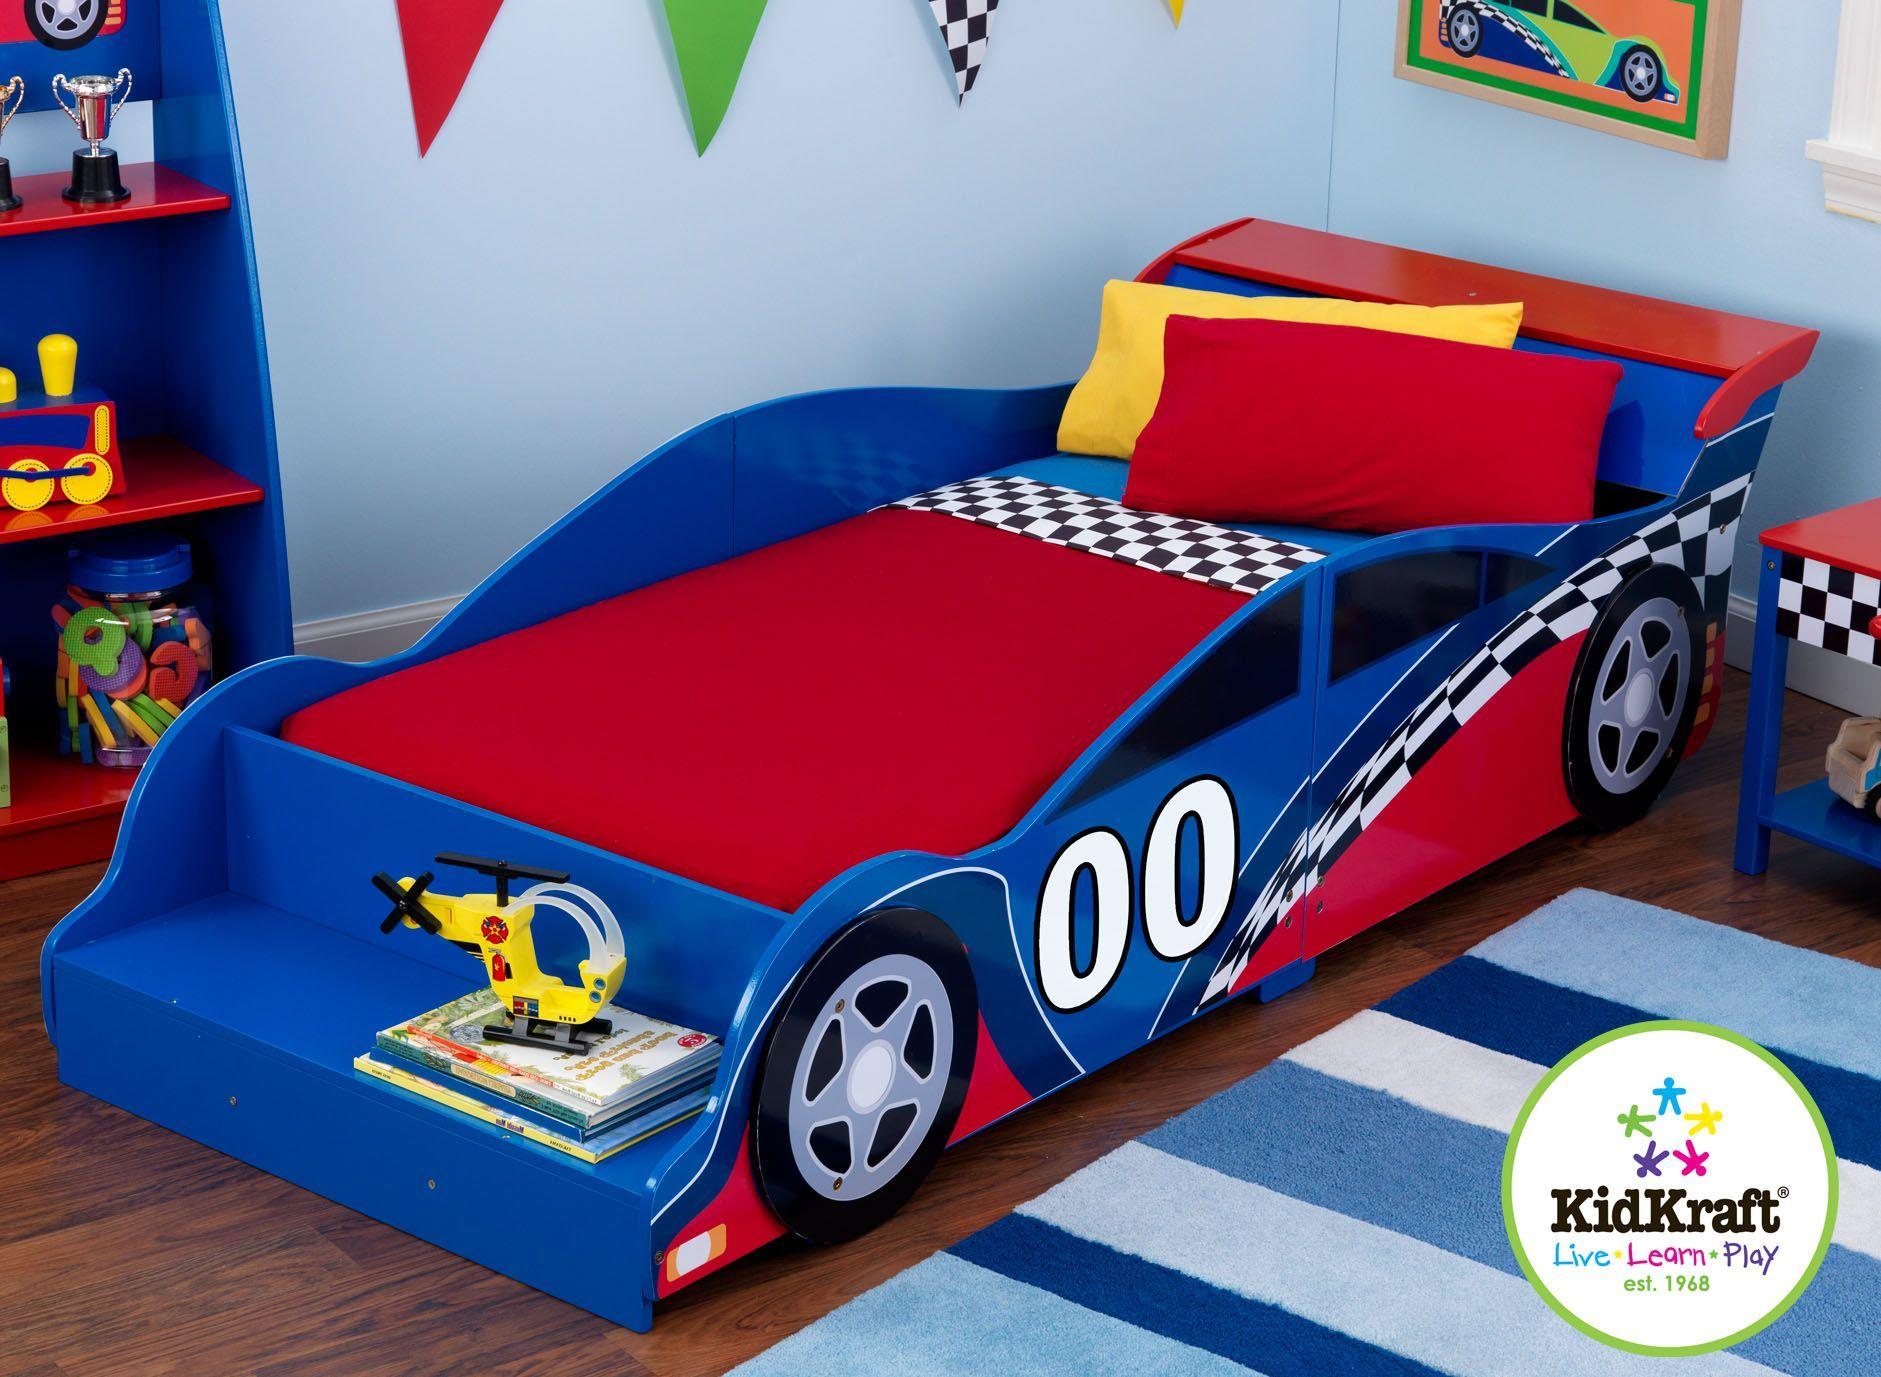 Kid Kraft Race Car Toddler Bed Cama Cunas Para Ninos Muebles Ninos Cama Auto